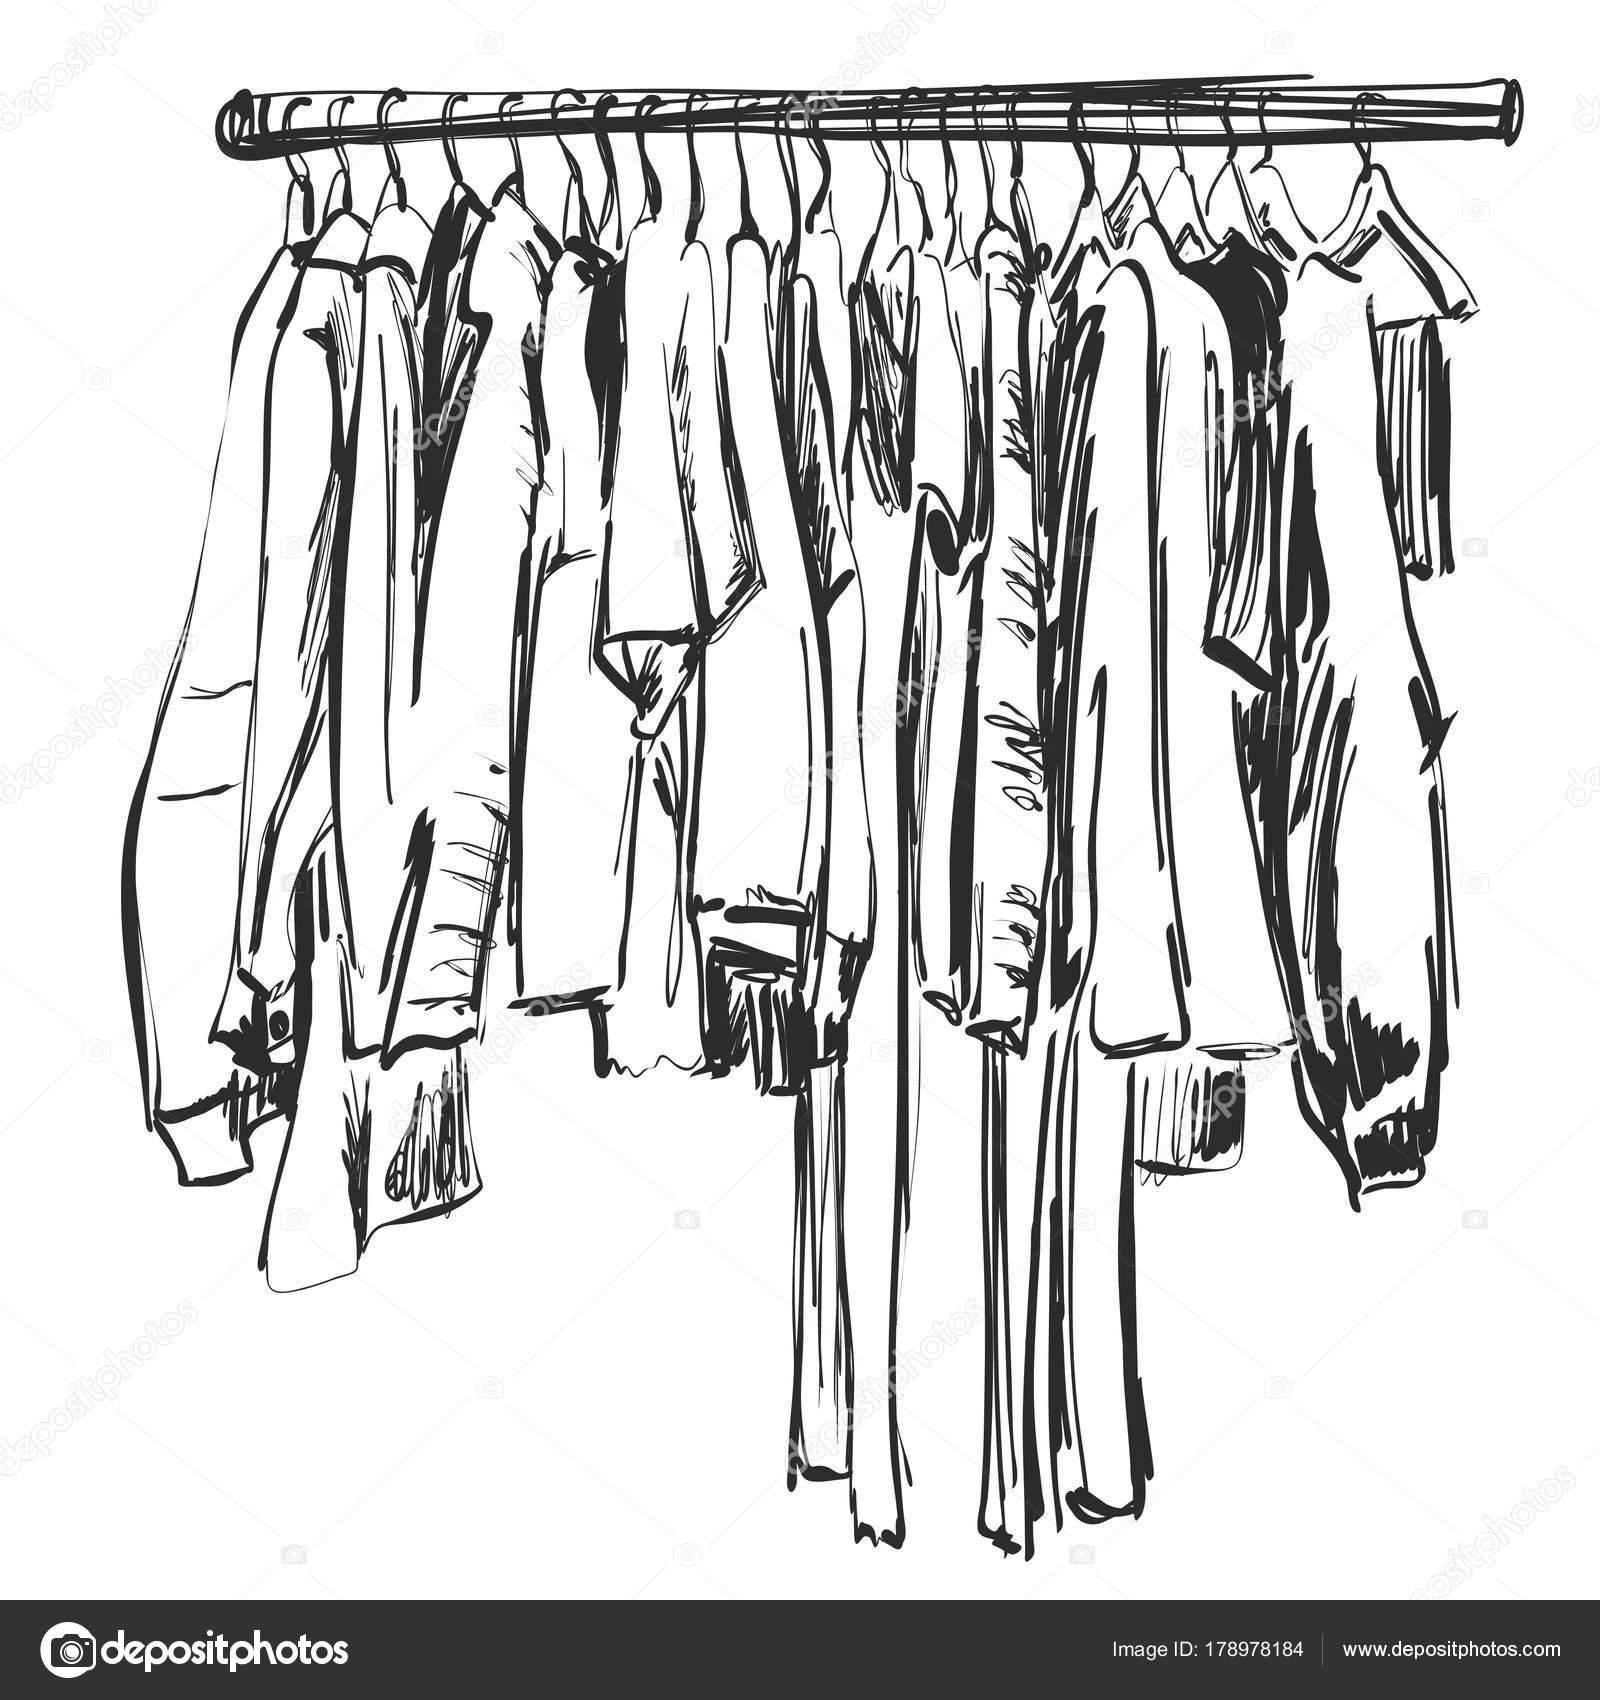 Kleiderschrank gezeichnet  Handskizze gezeichnete Kleiderschrank. Kleidung auf dem Kleiderbügel ...